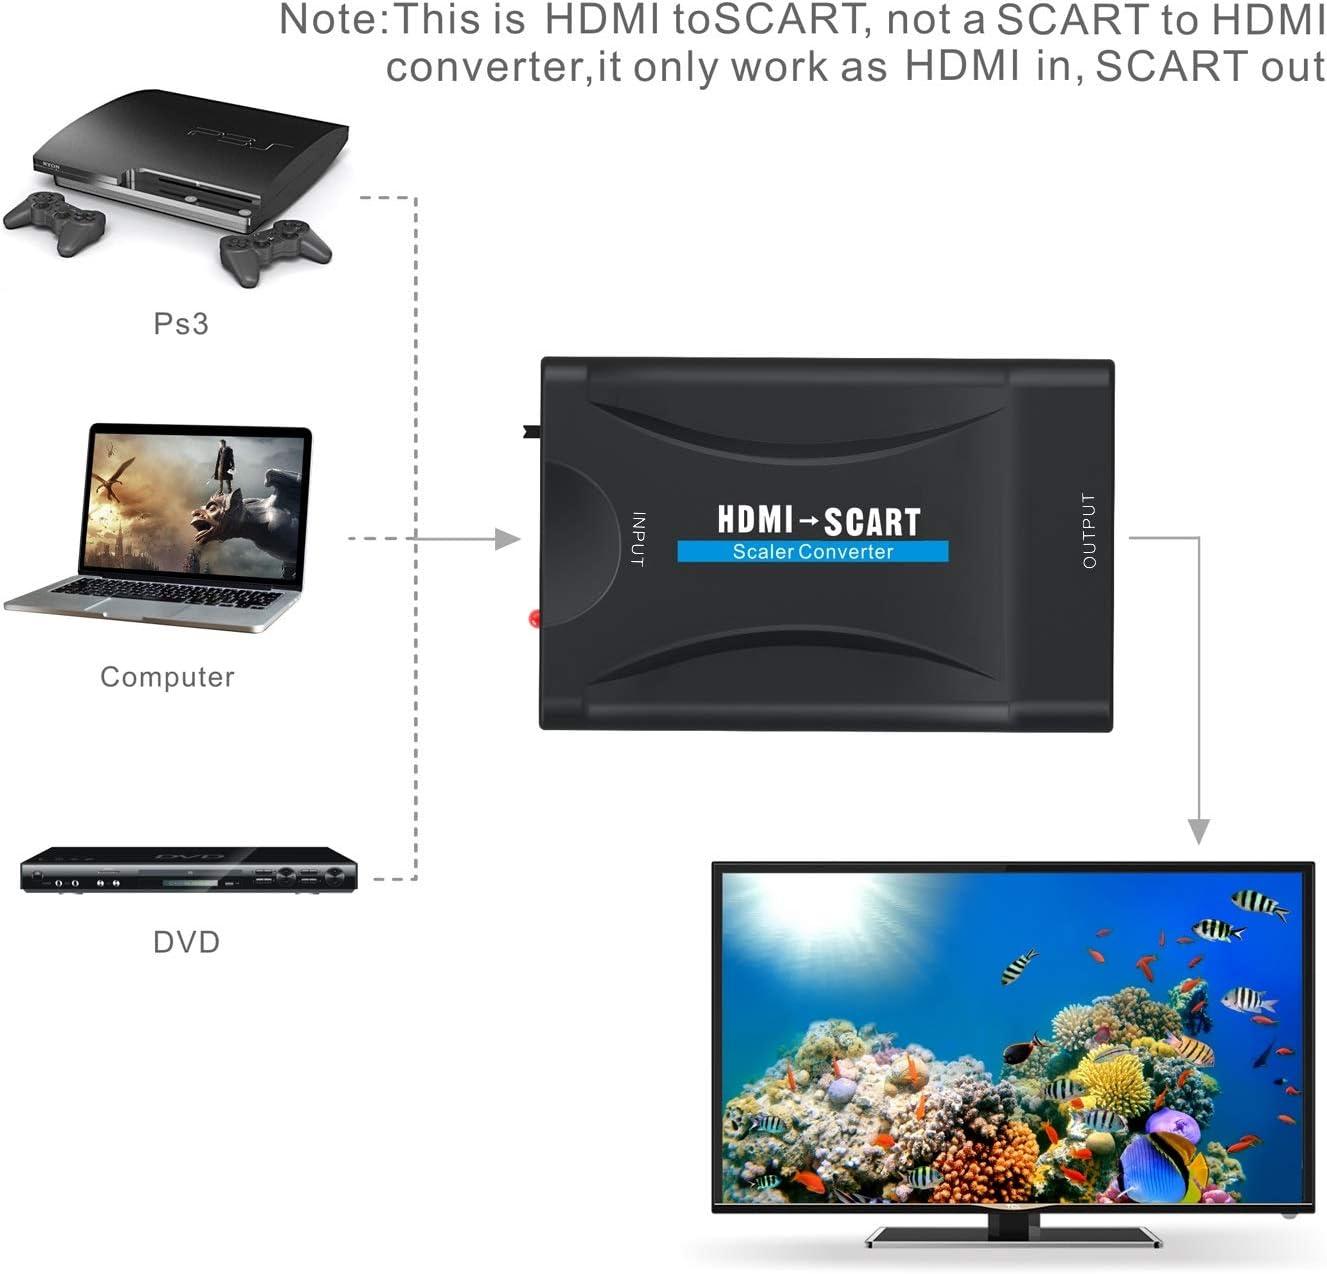 GANA HDMI a Scart, HDMI a Euroconector Conversor HDMI to Scart Convertidor de Video Audio Adaptador de señal para PS3 Sky DVD Recorder etc: Amazon.es: Electrónica